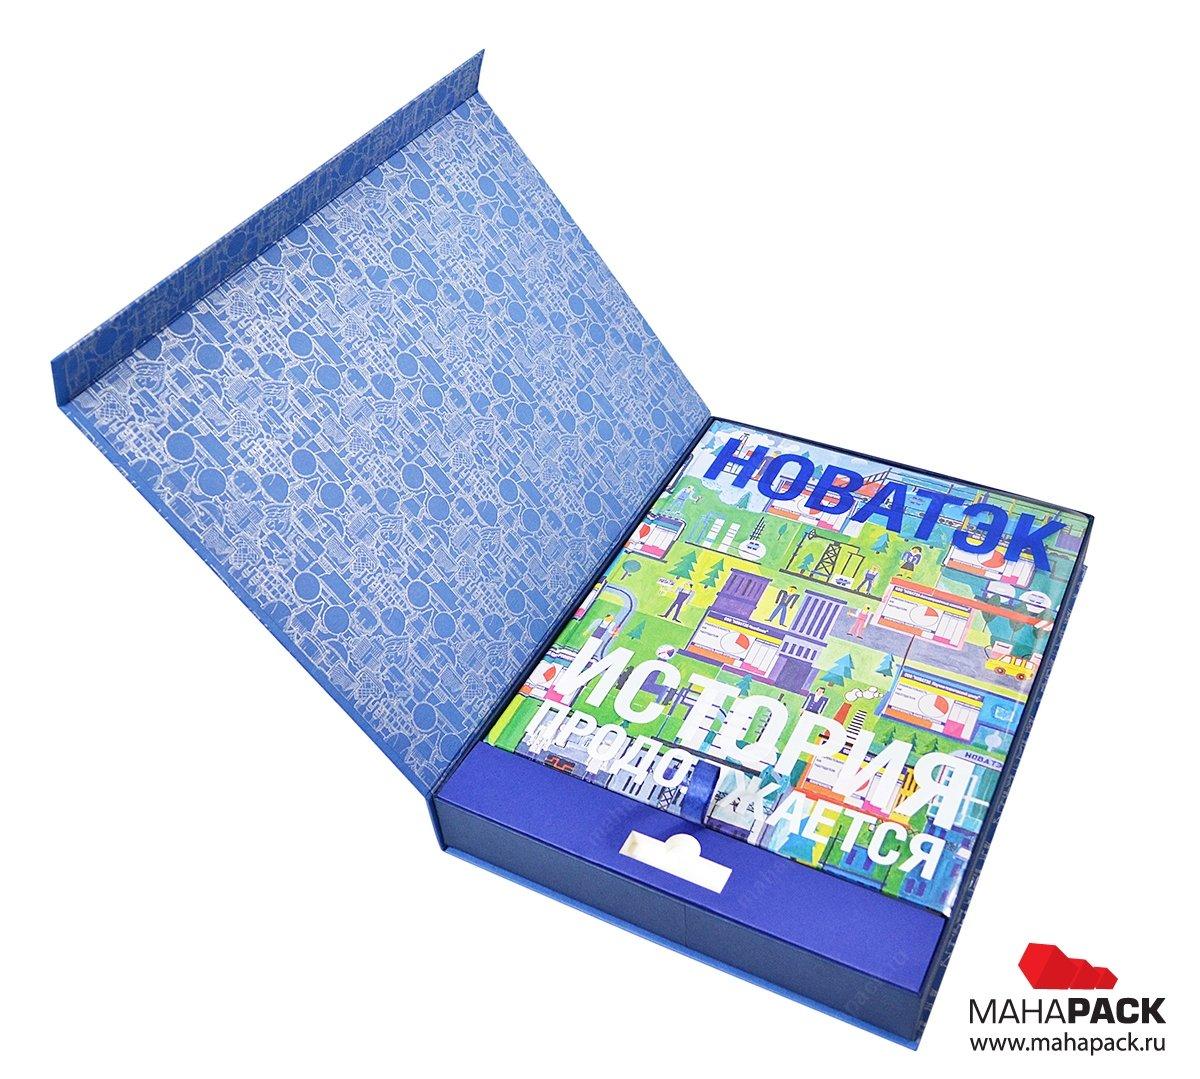 Подарочная упаковка для флешки и книги